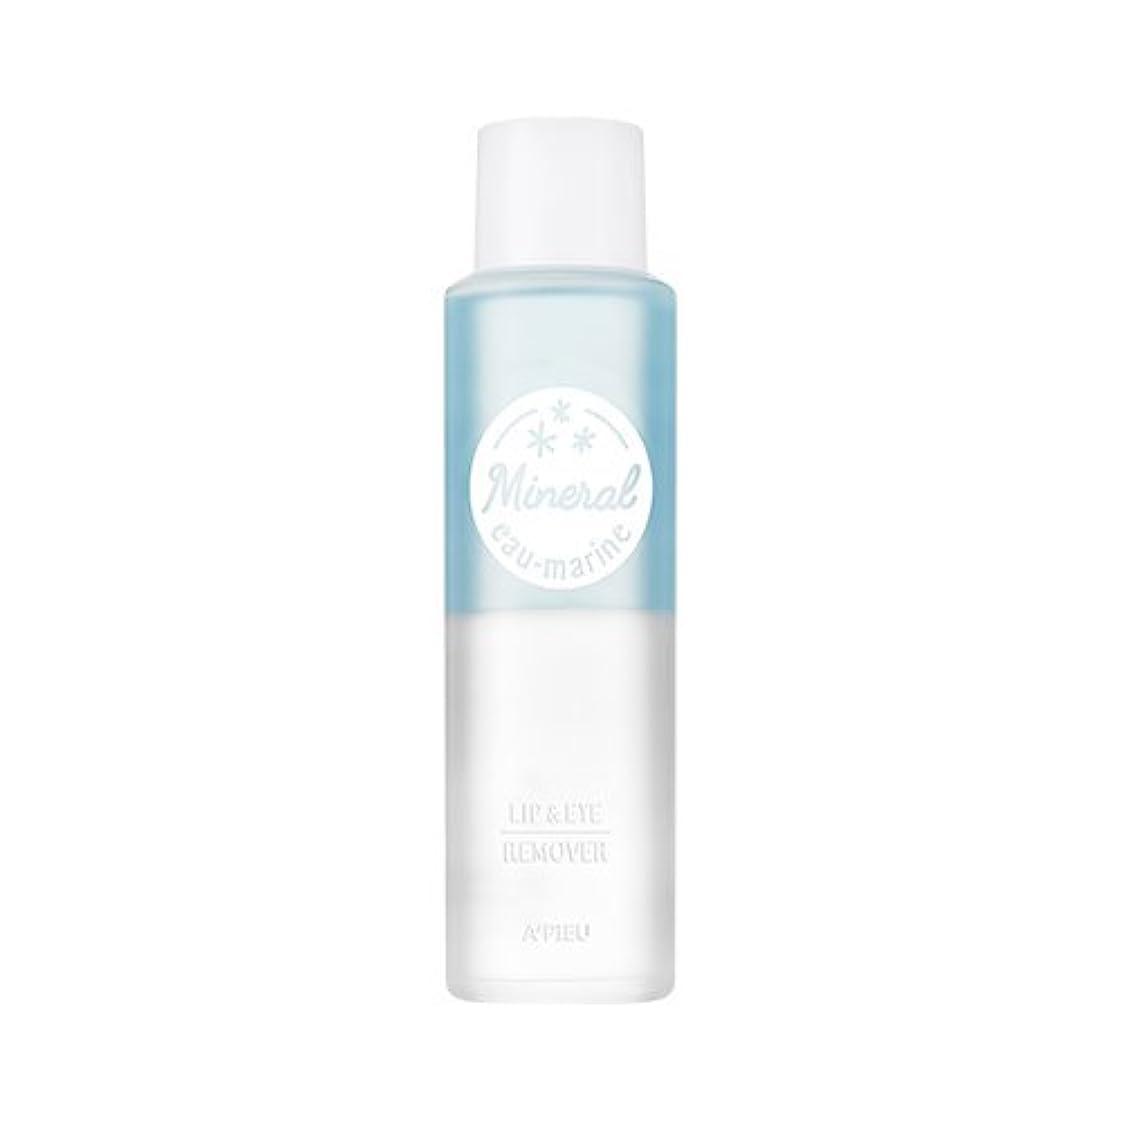 派生する手のひら和らげるAPIEU Mineral Lip and Eye Make Up Remover 250ml (eau-marine) / アピュ ミネラル リップ?アイ メイクアップ リムーバー(大容量) [並行輸入品]